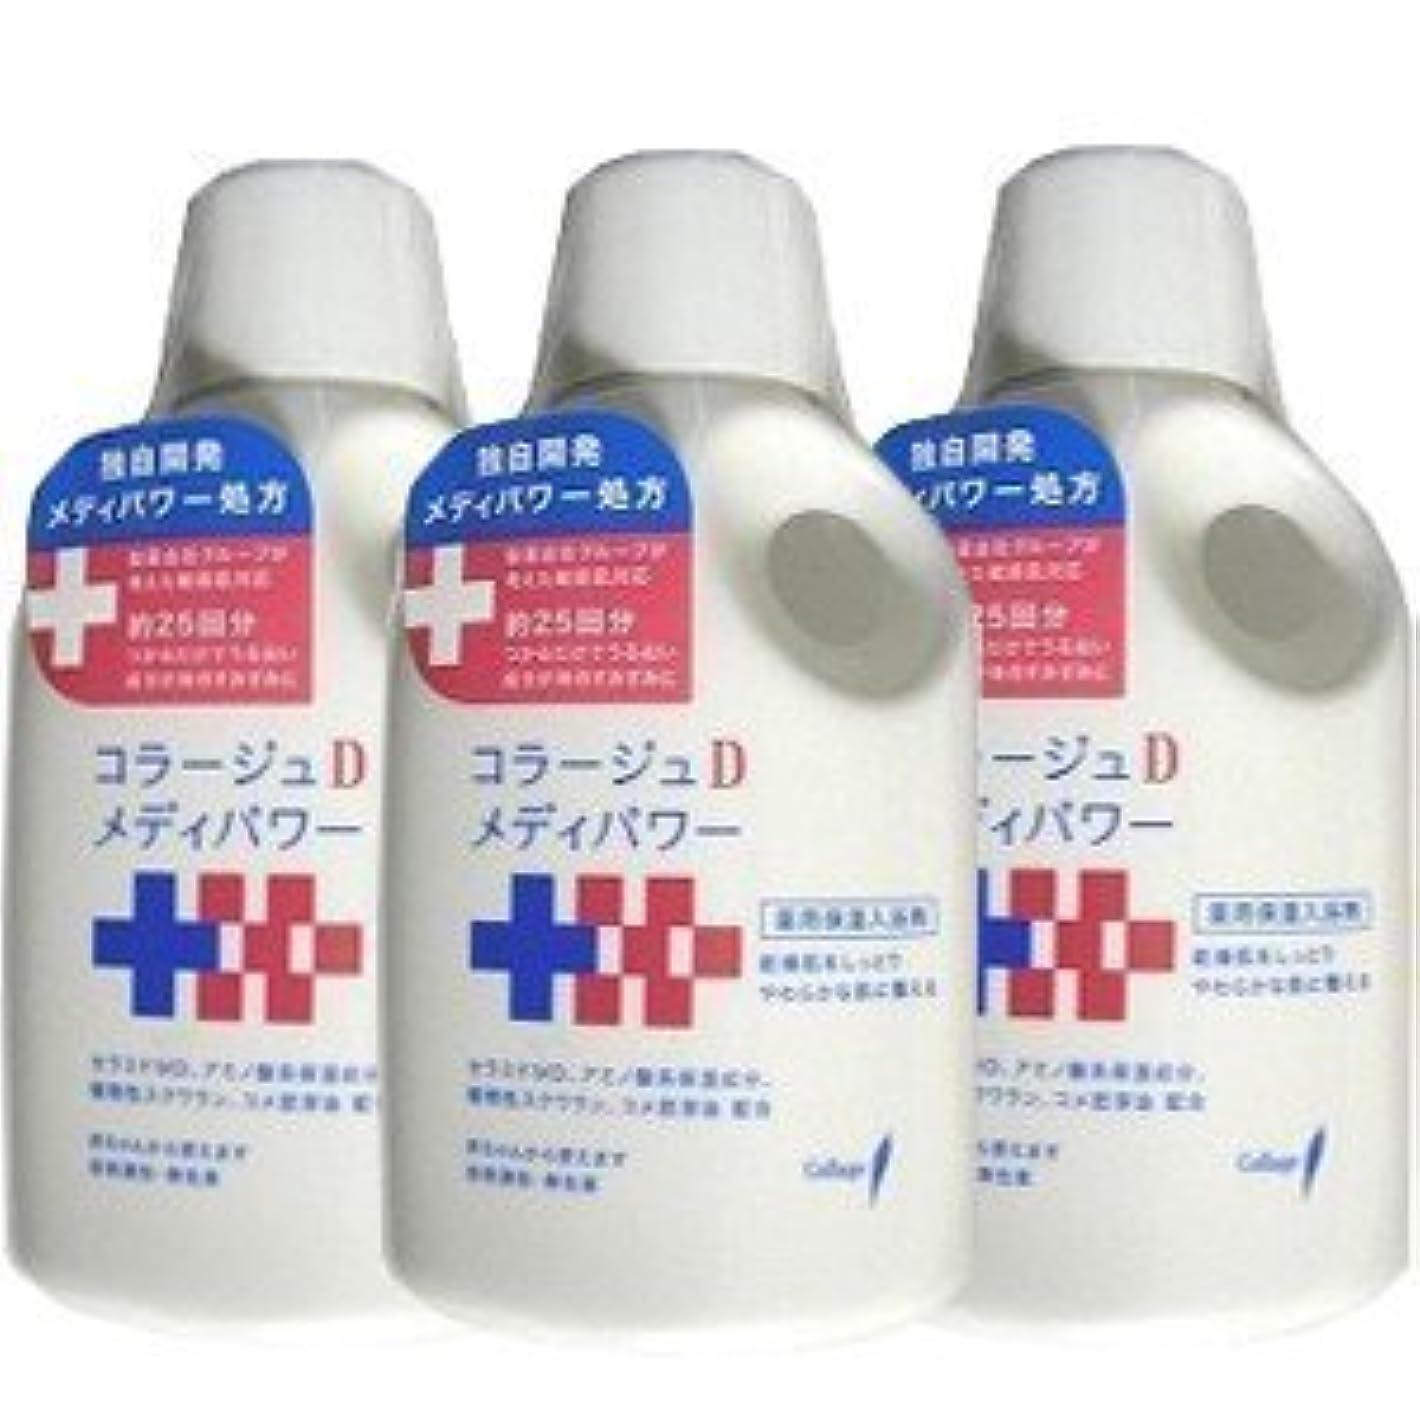 おとこ隣接事実【3本】コラージュD メディパワー保湿入浴剤 500mlx3本